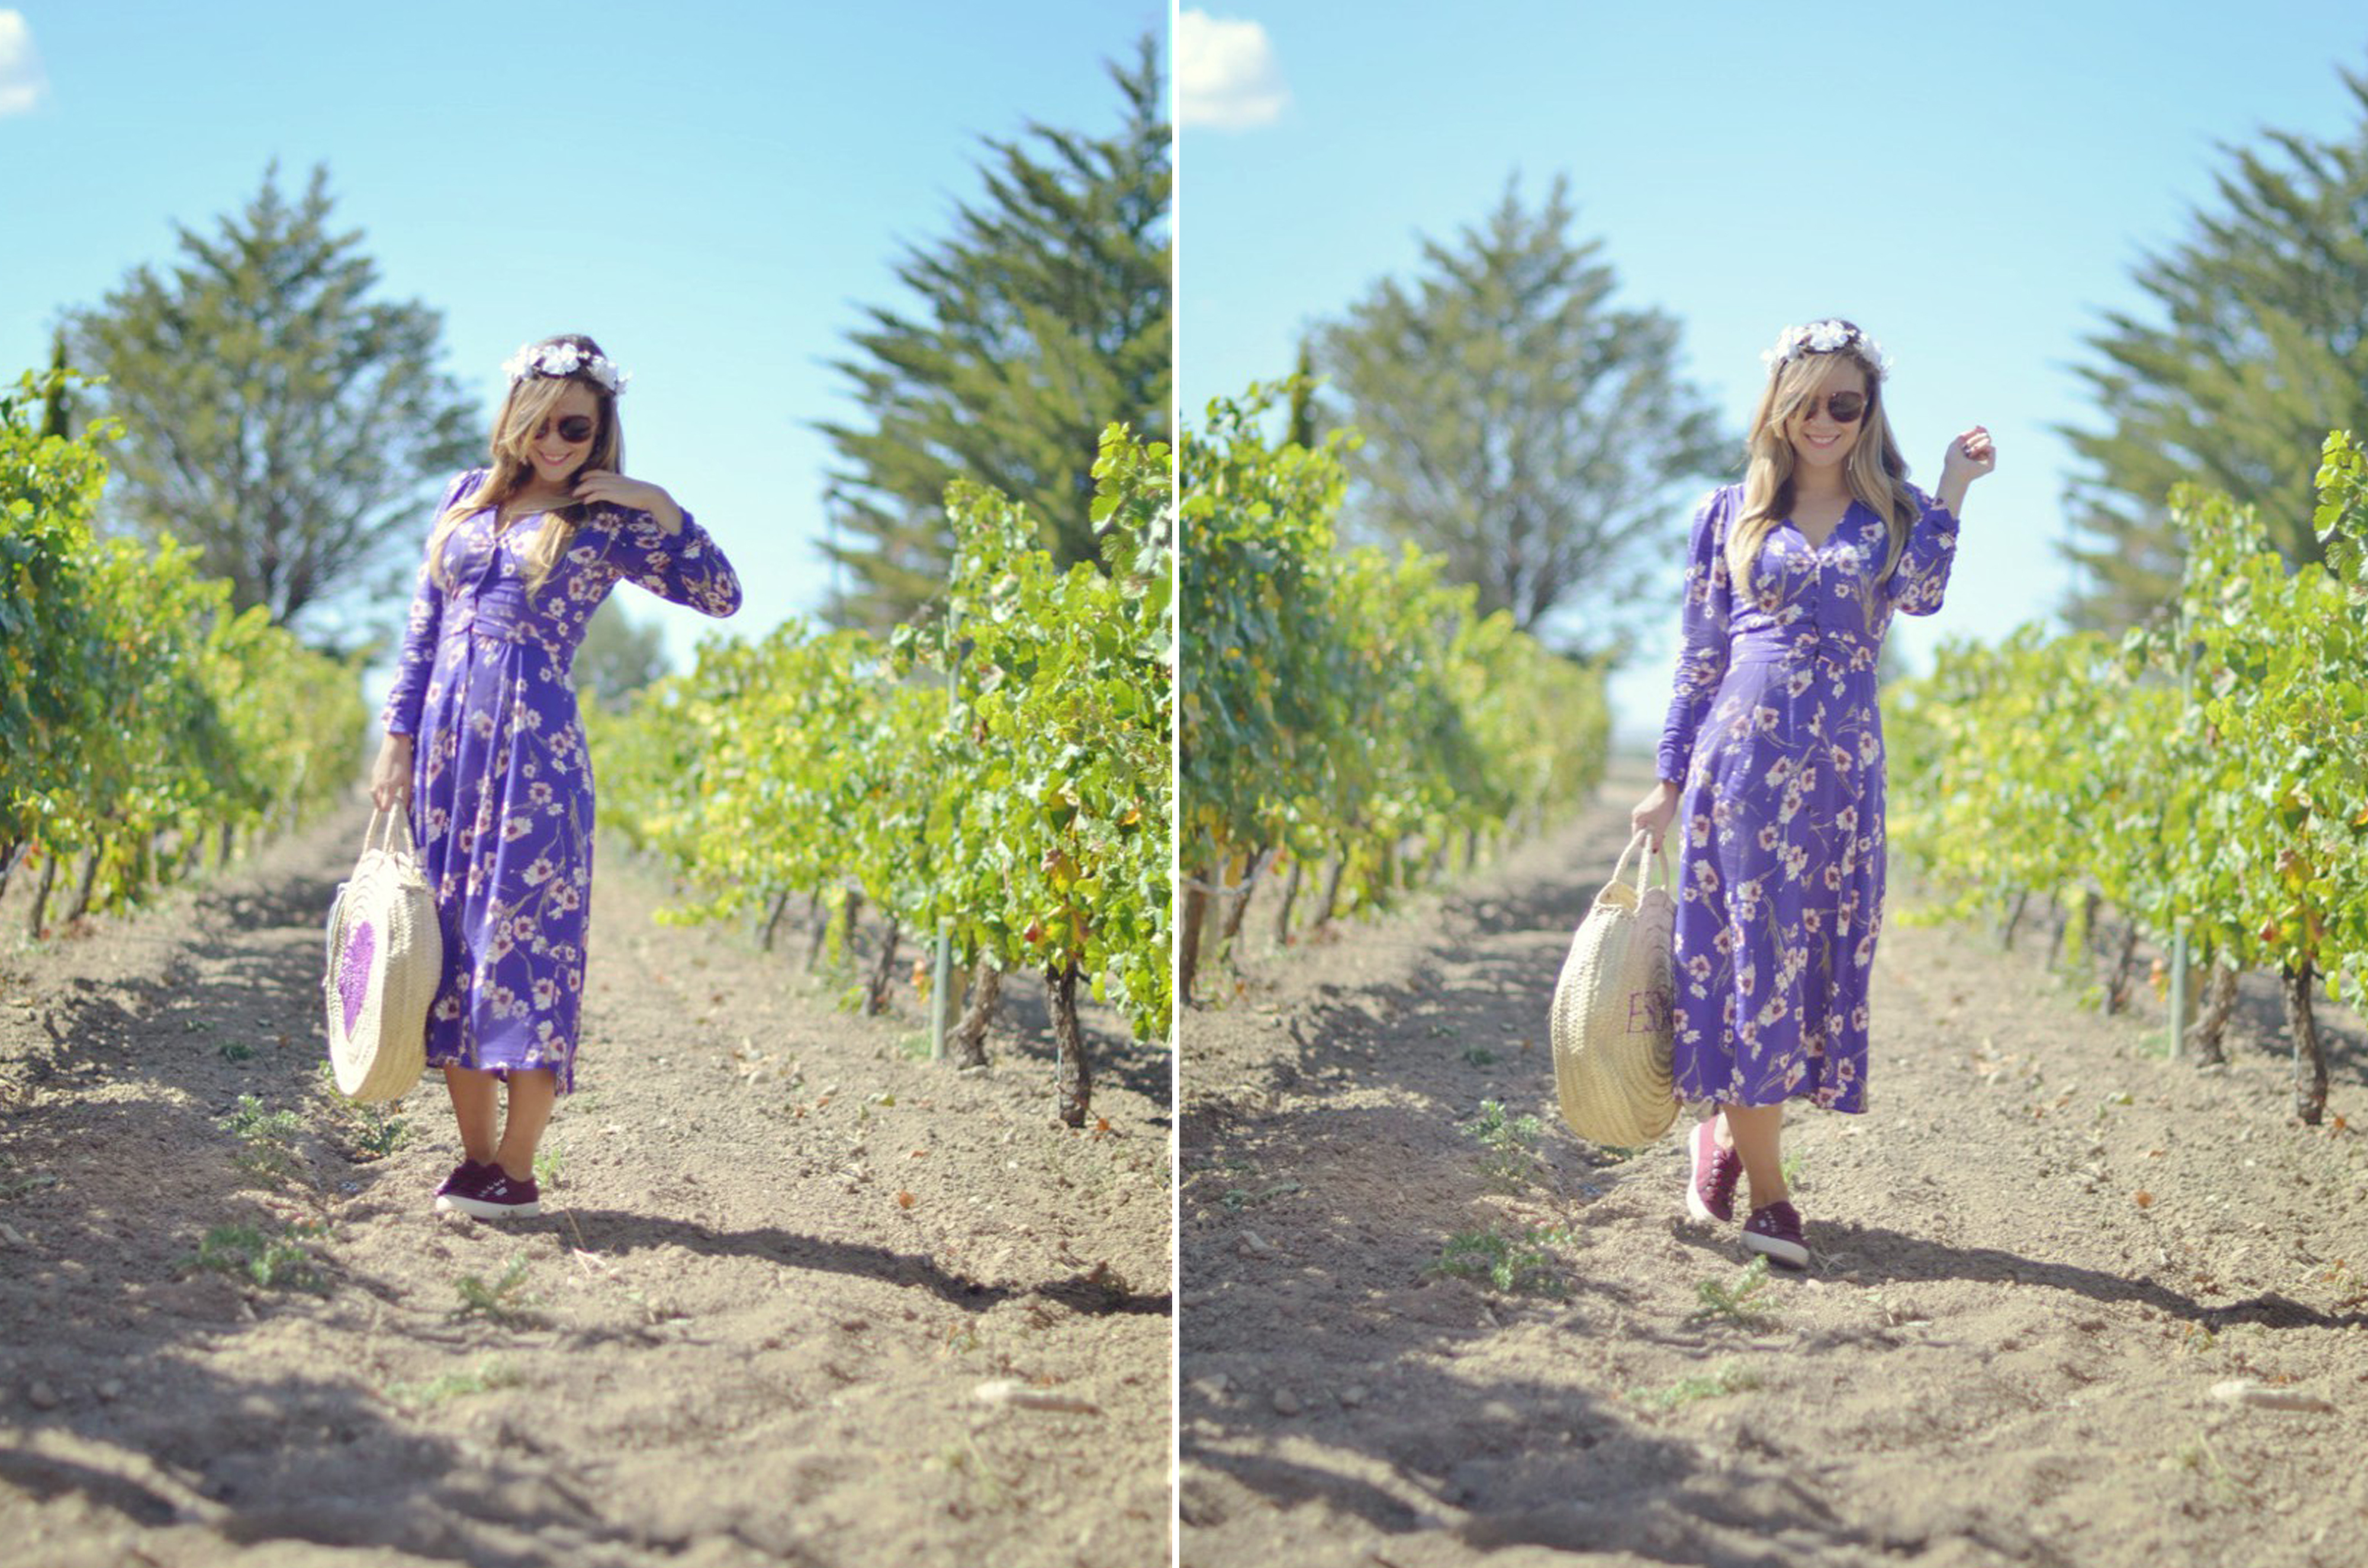 Fashionista-blog-de-moda-ChicAdicta-Esdor-Chic-Adicta-zapatillas-superga-look-morado-vestido-de-flores-PiensaenChic-influencer-Piensa-en-Chic